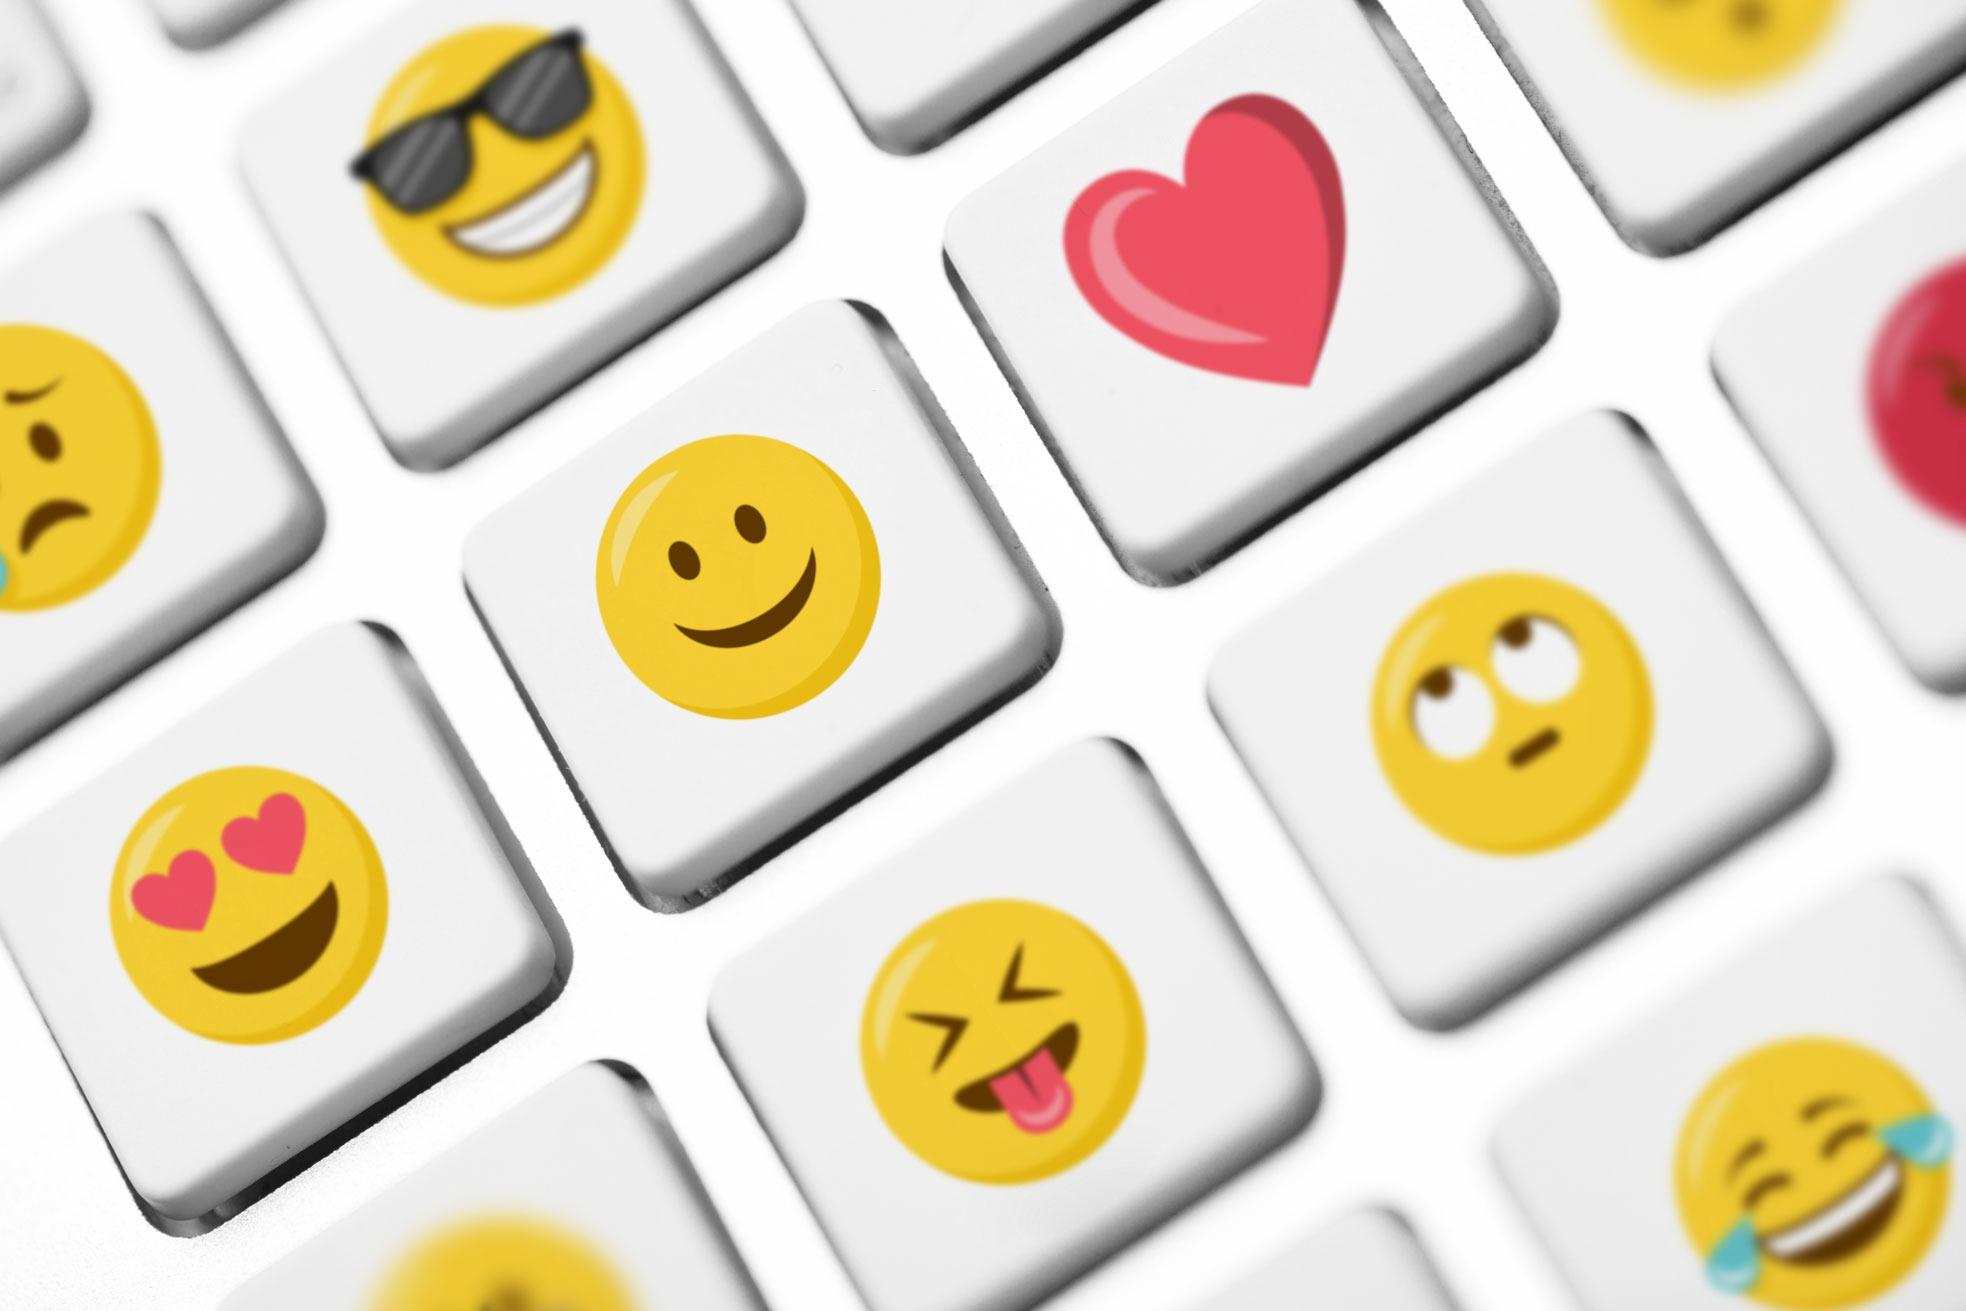 Verschiedene Emojis als Tasten auf einer Tatatur.